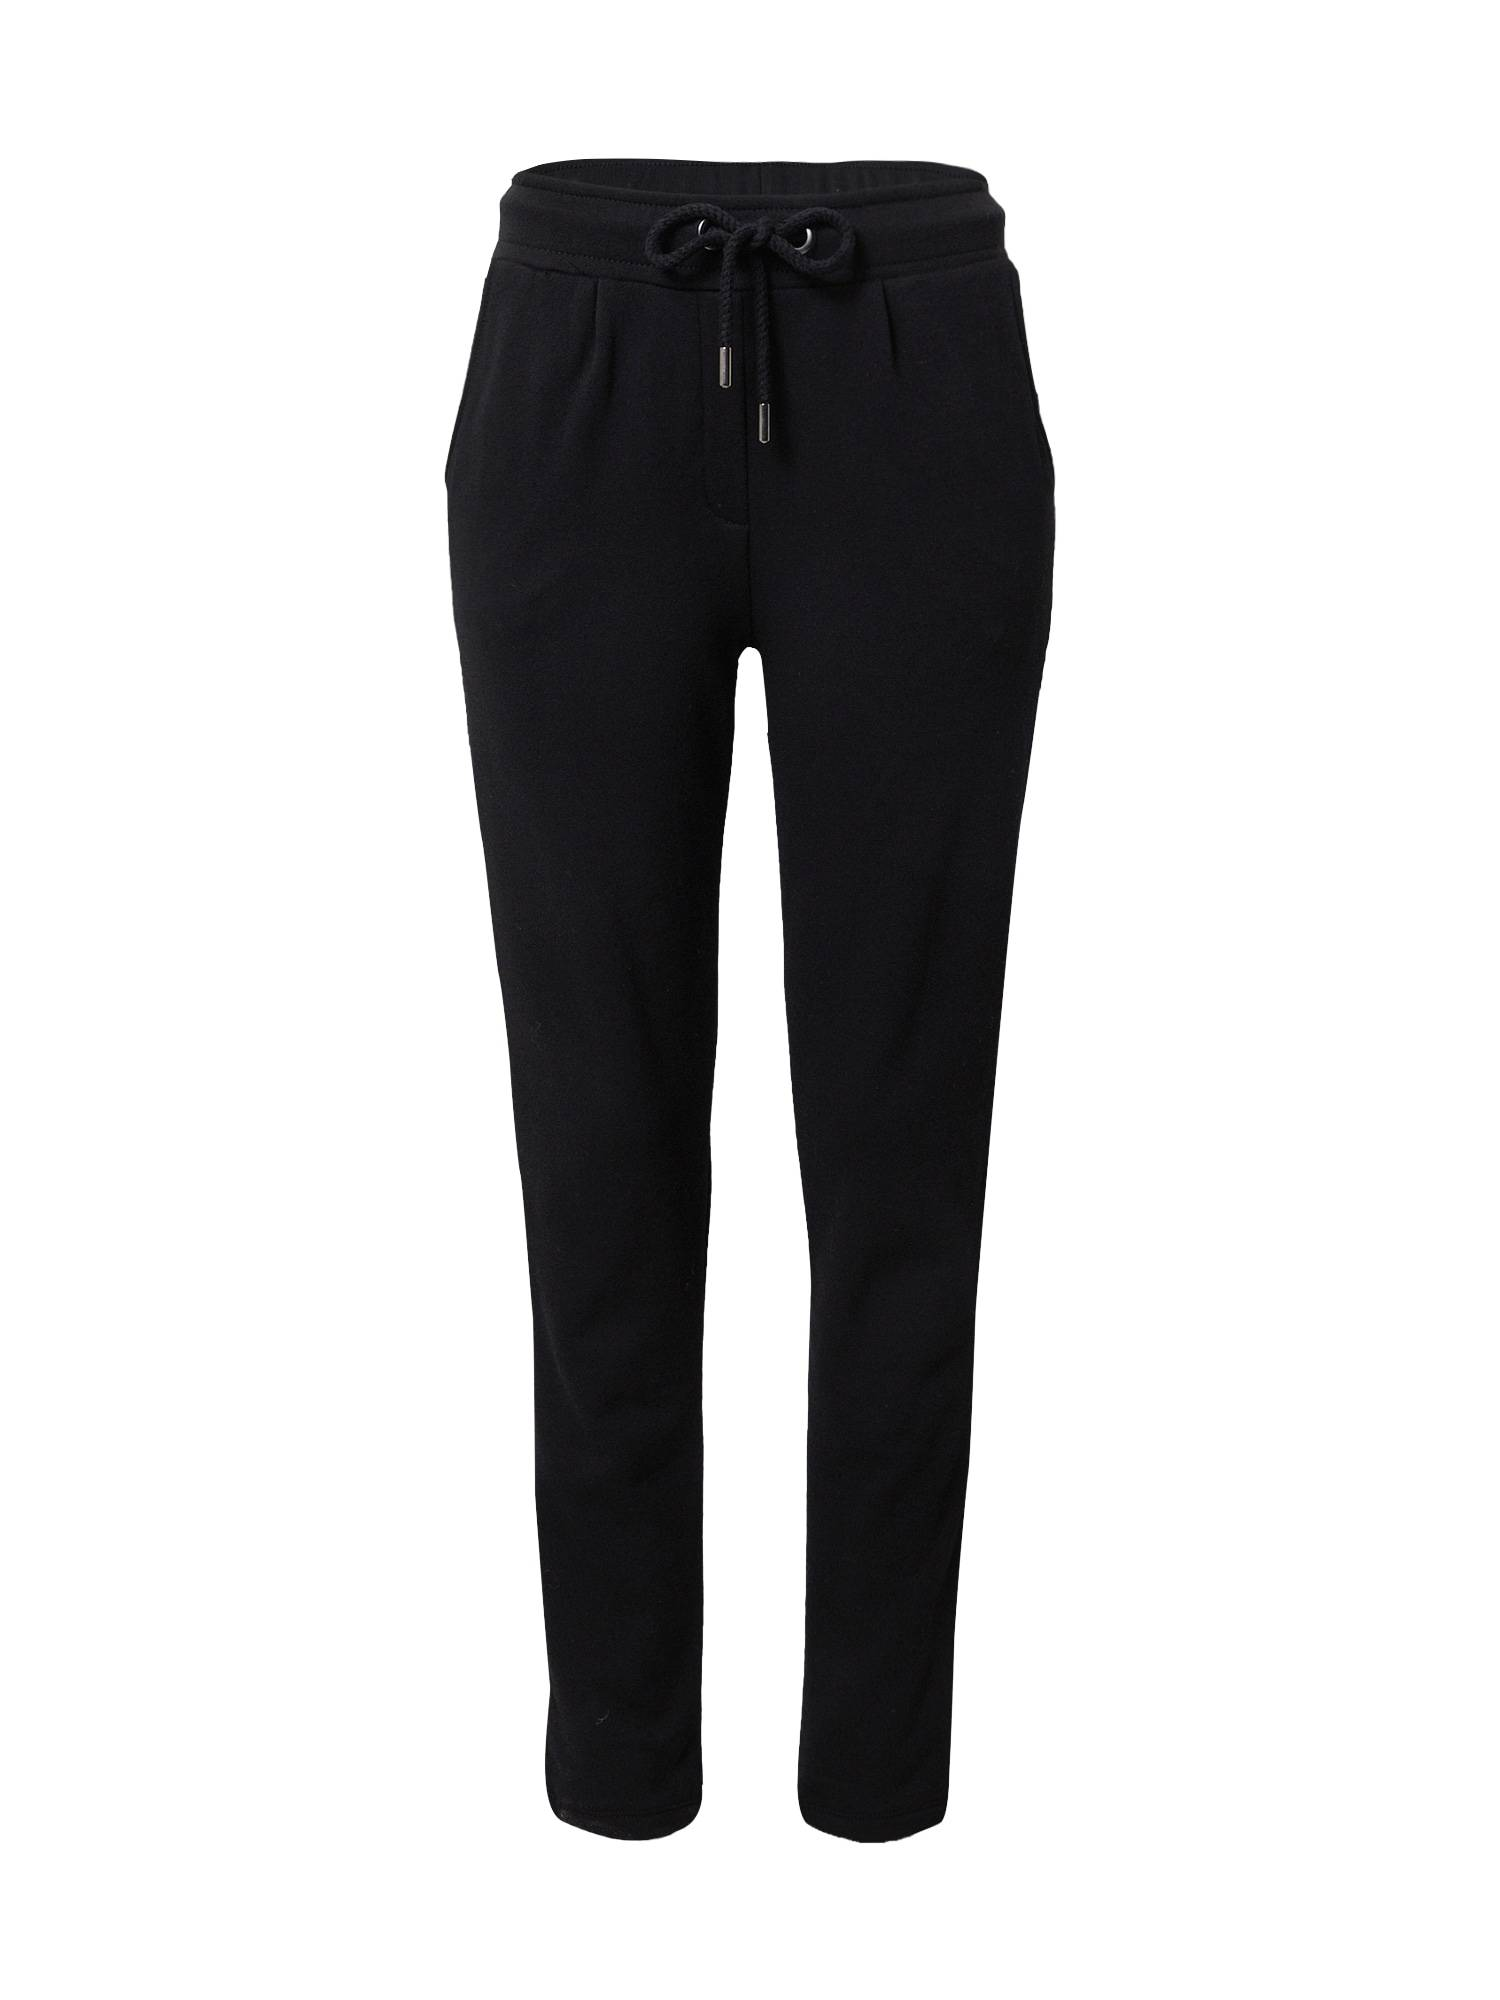 Princess Pantalon à pince  - Noir - Taille: M - female